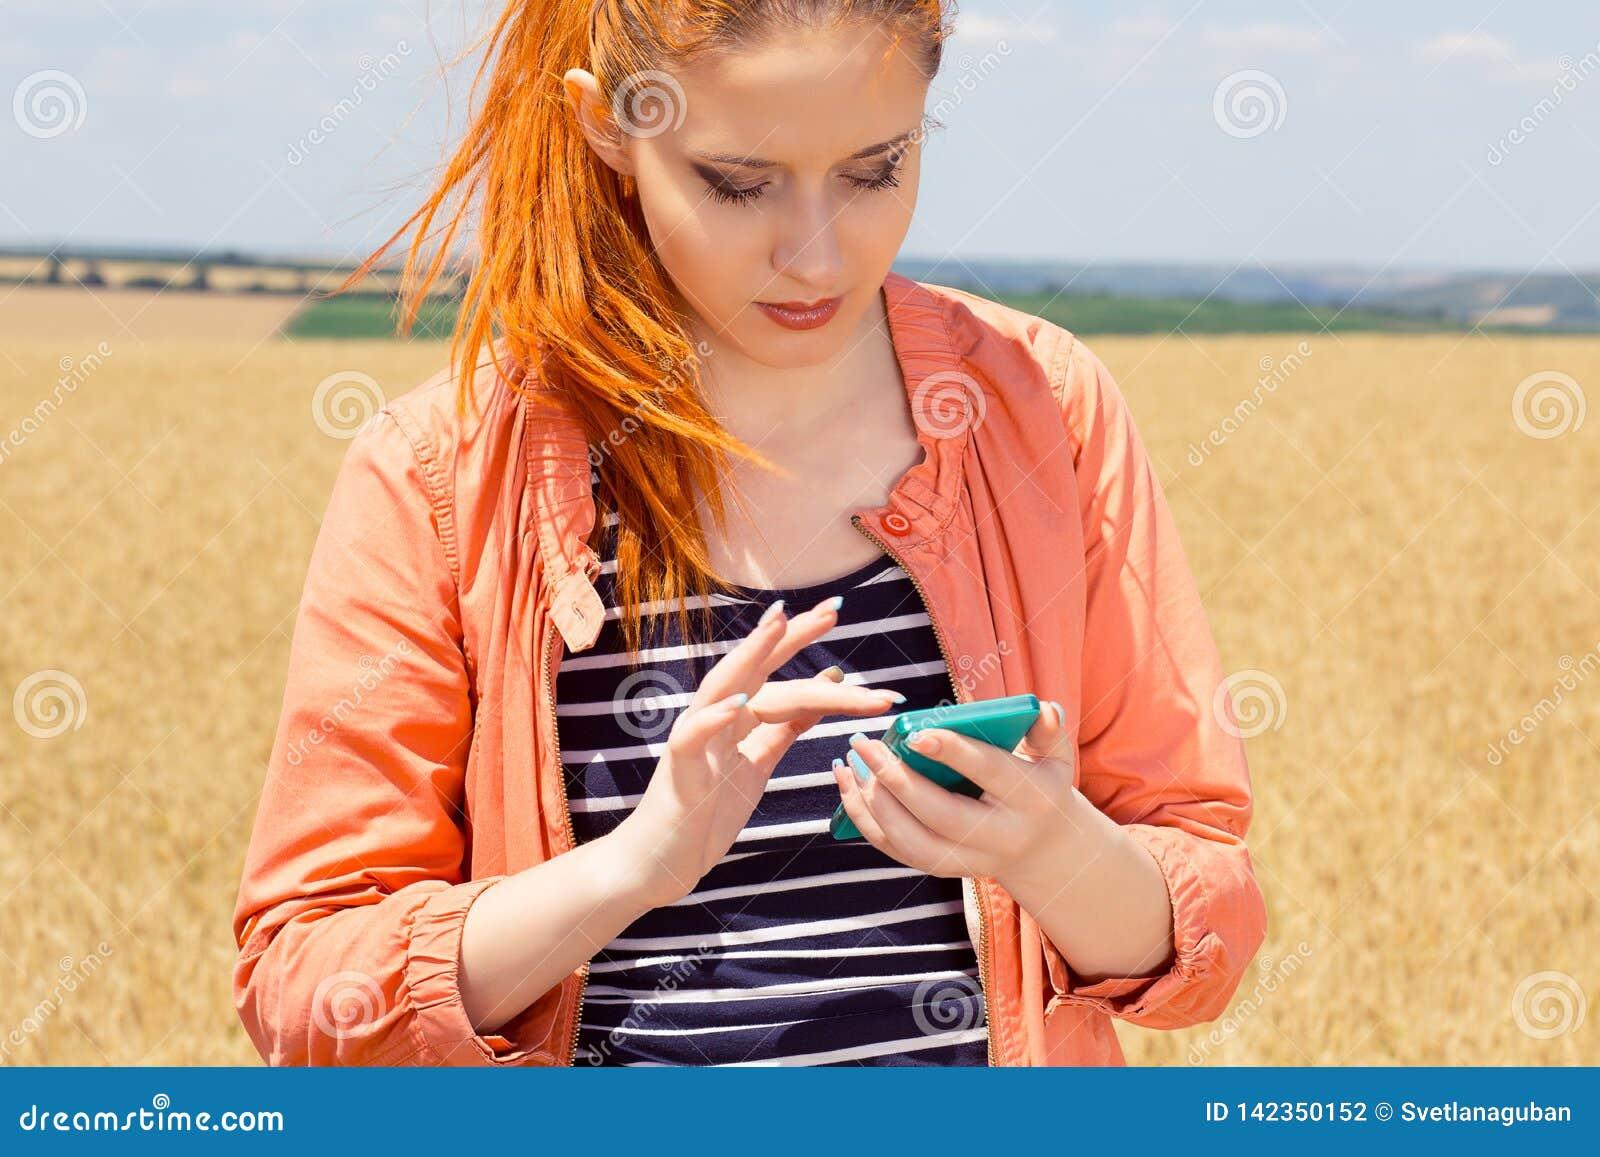 Roodharigevrouw die een bericht verzenden die dekking op mobiele telefoon zoeken